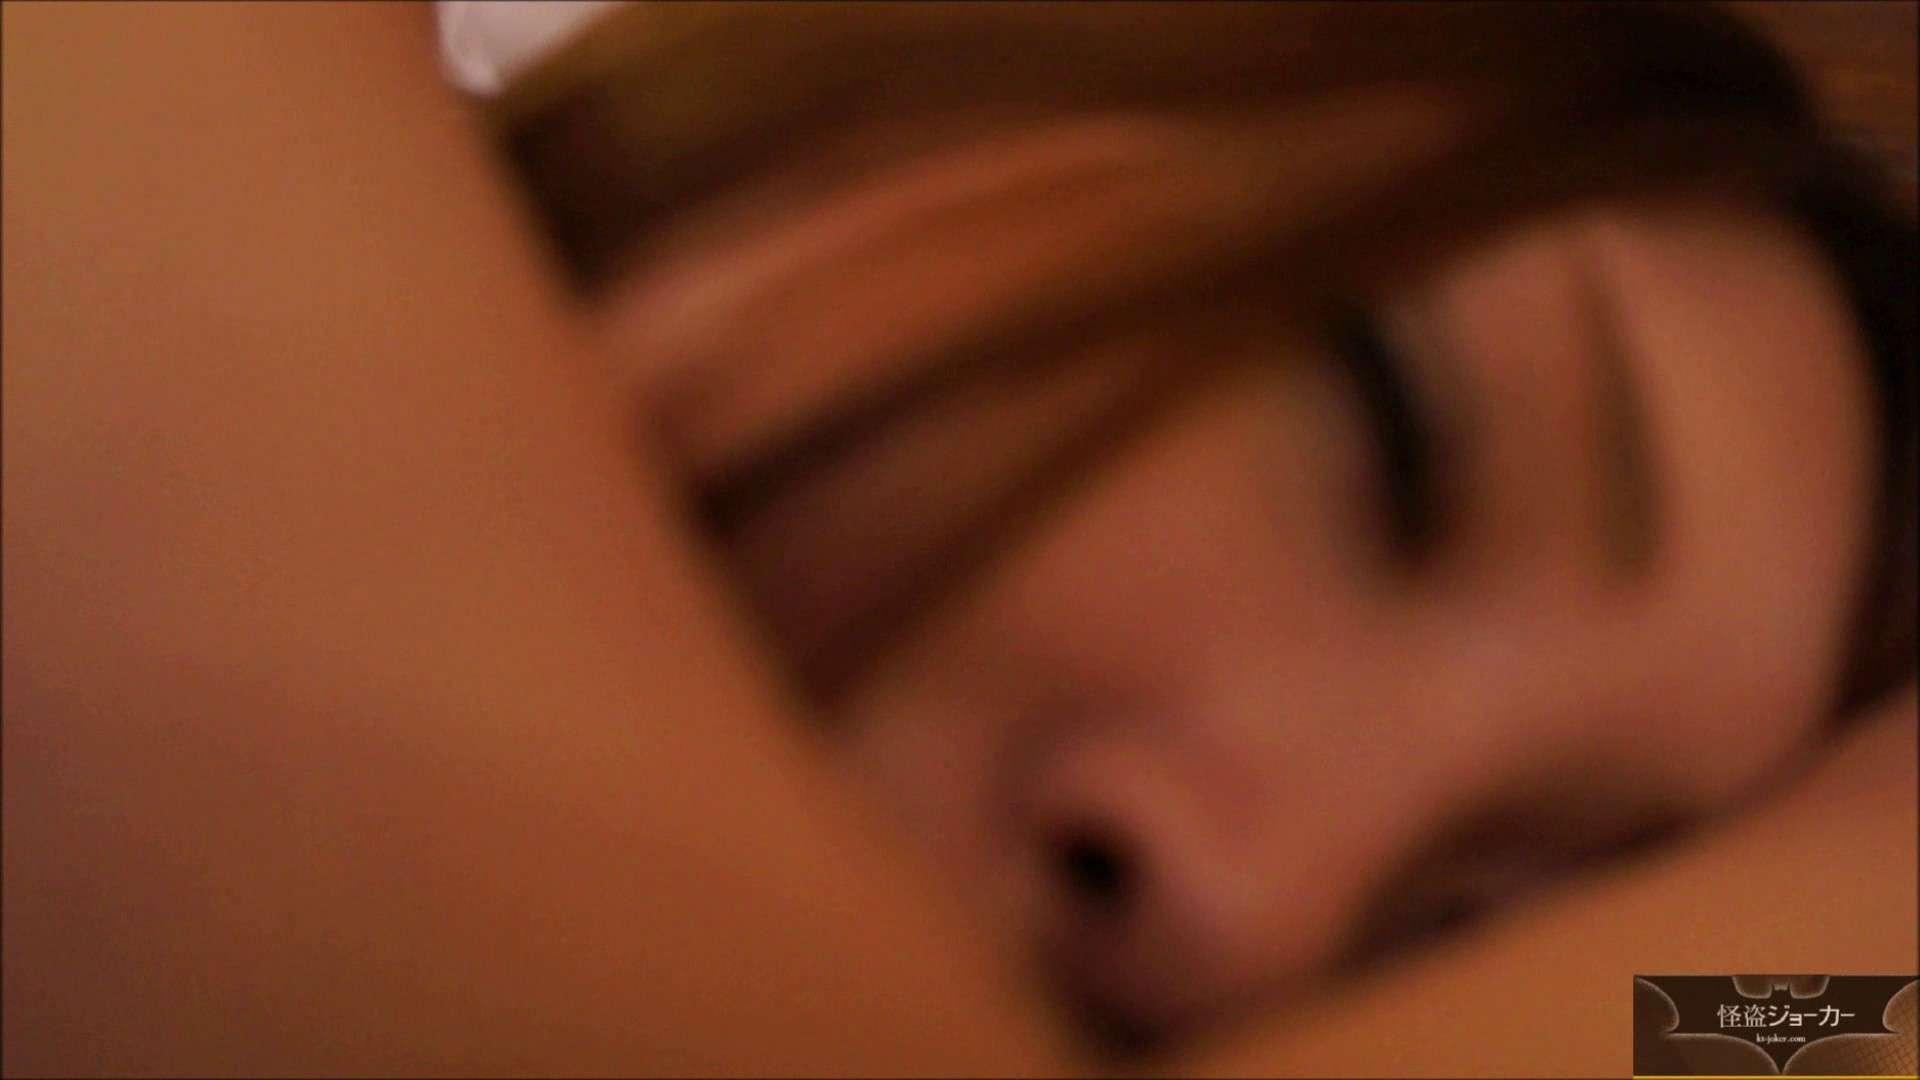 おまんこ丸見え|【未公開】vol.11 【美人若妻】早苗さん・・・誘われた夜。|怪盗ジョーカー